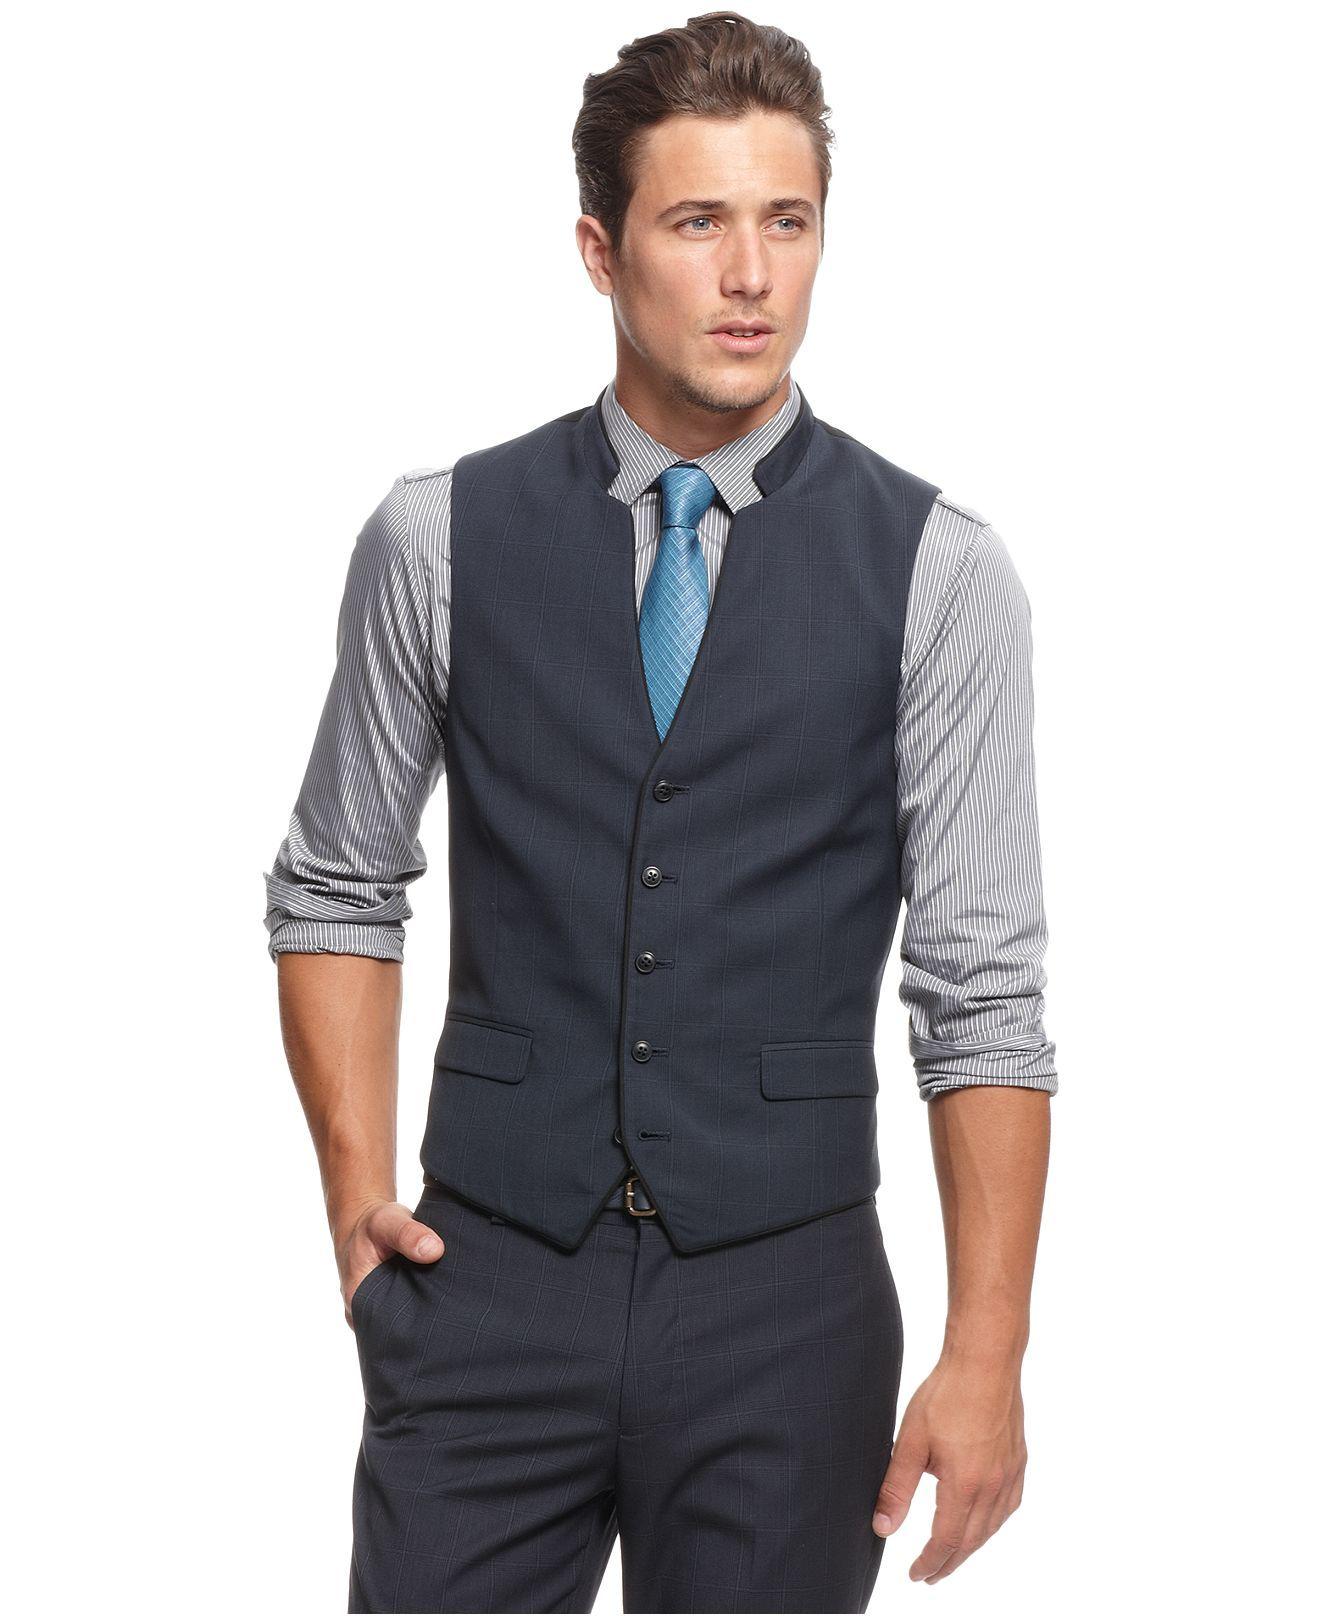 INC International Concepts Vests, Dante Vest - Mens Men's Vests - Macy's